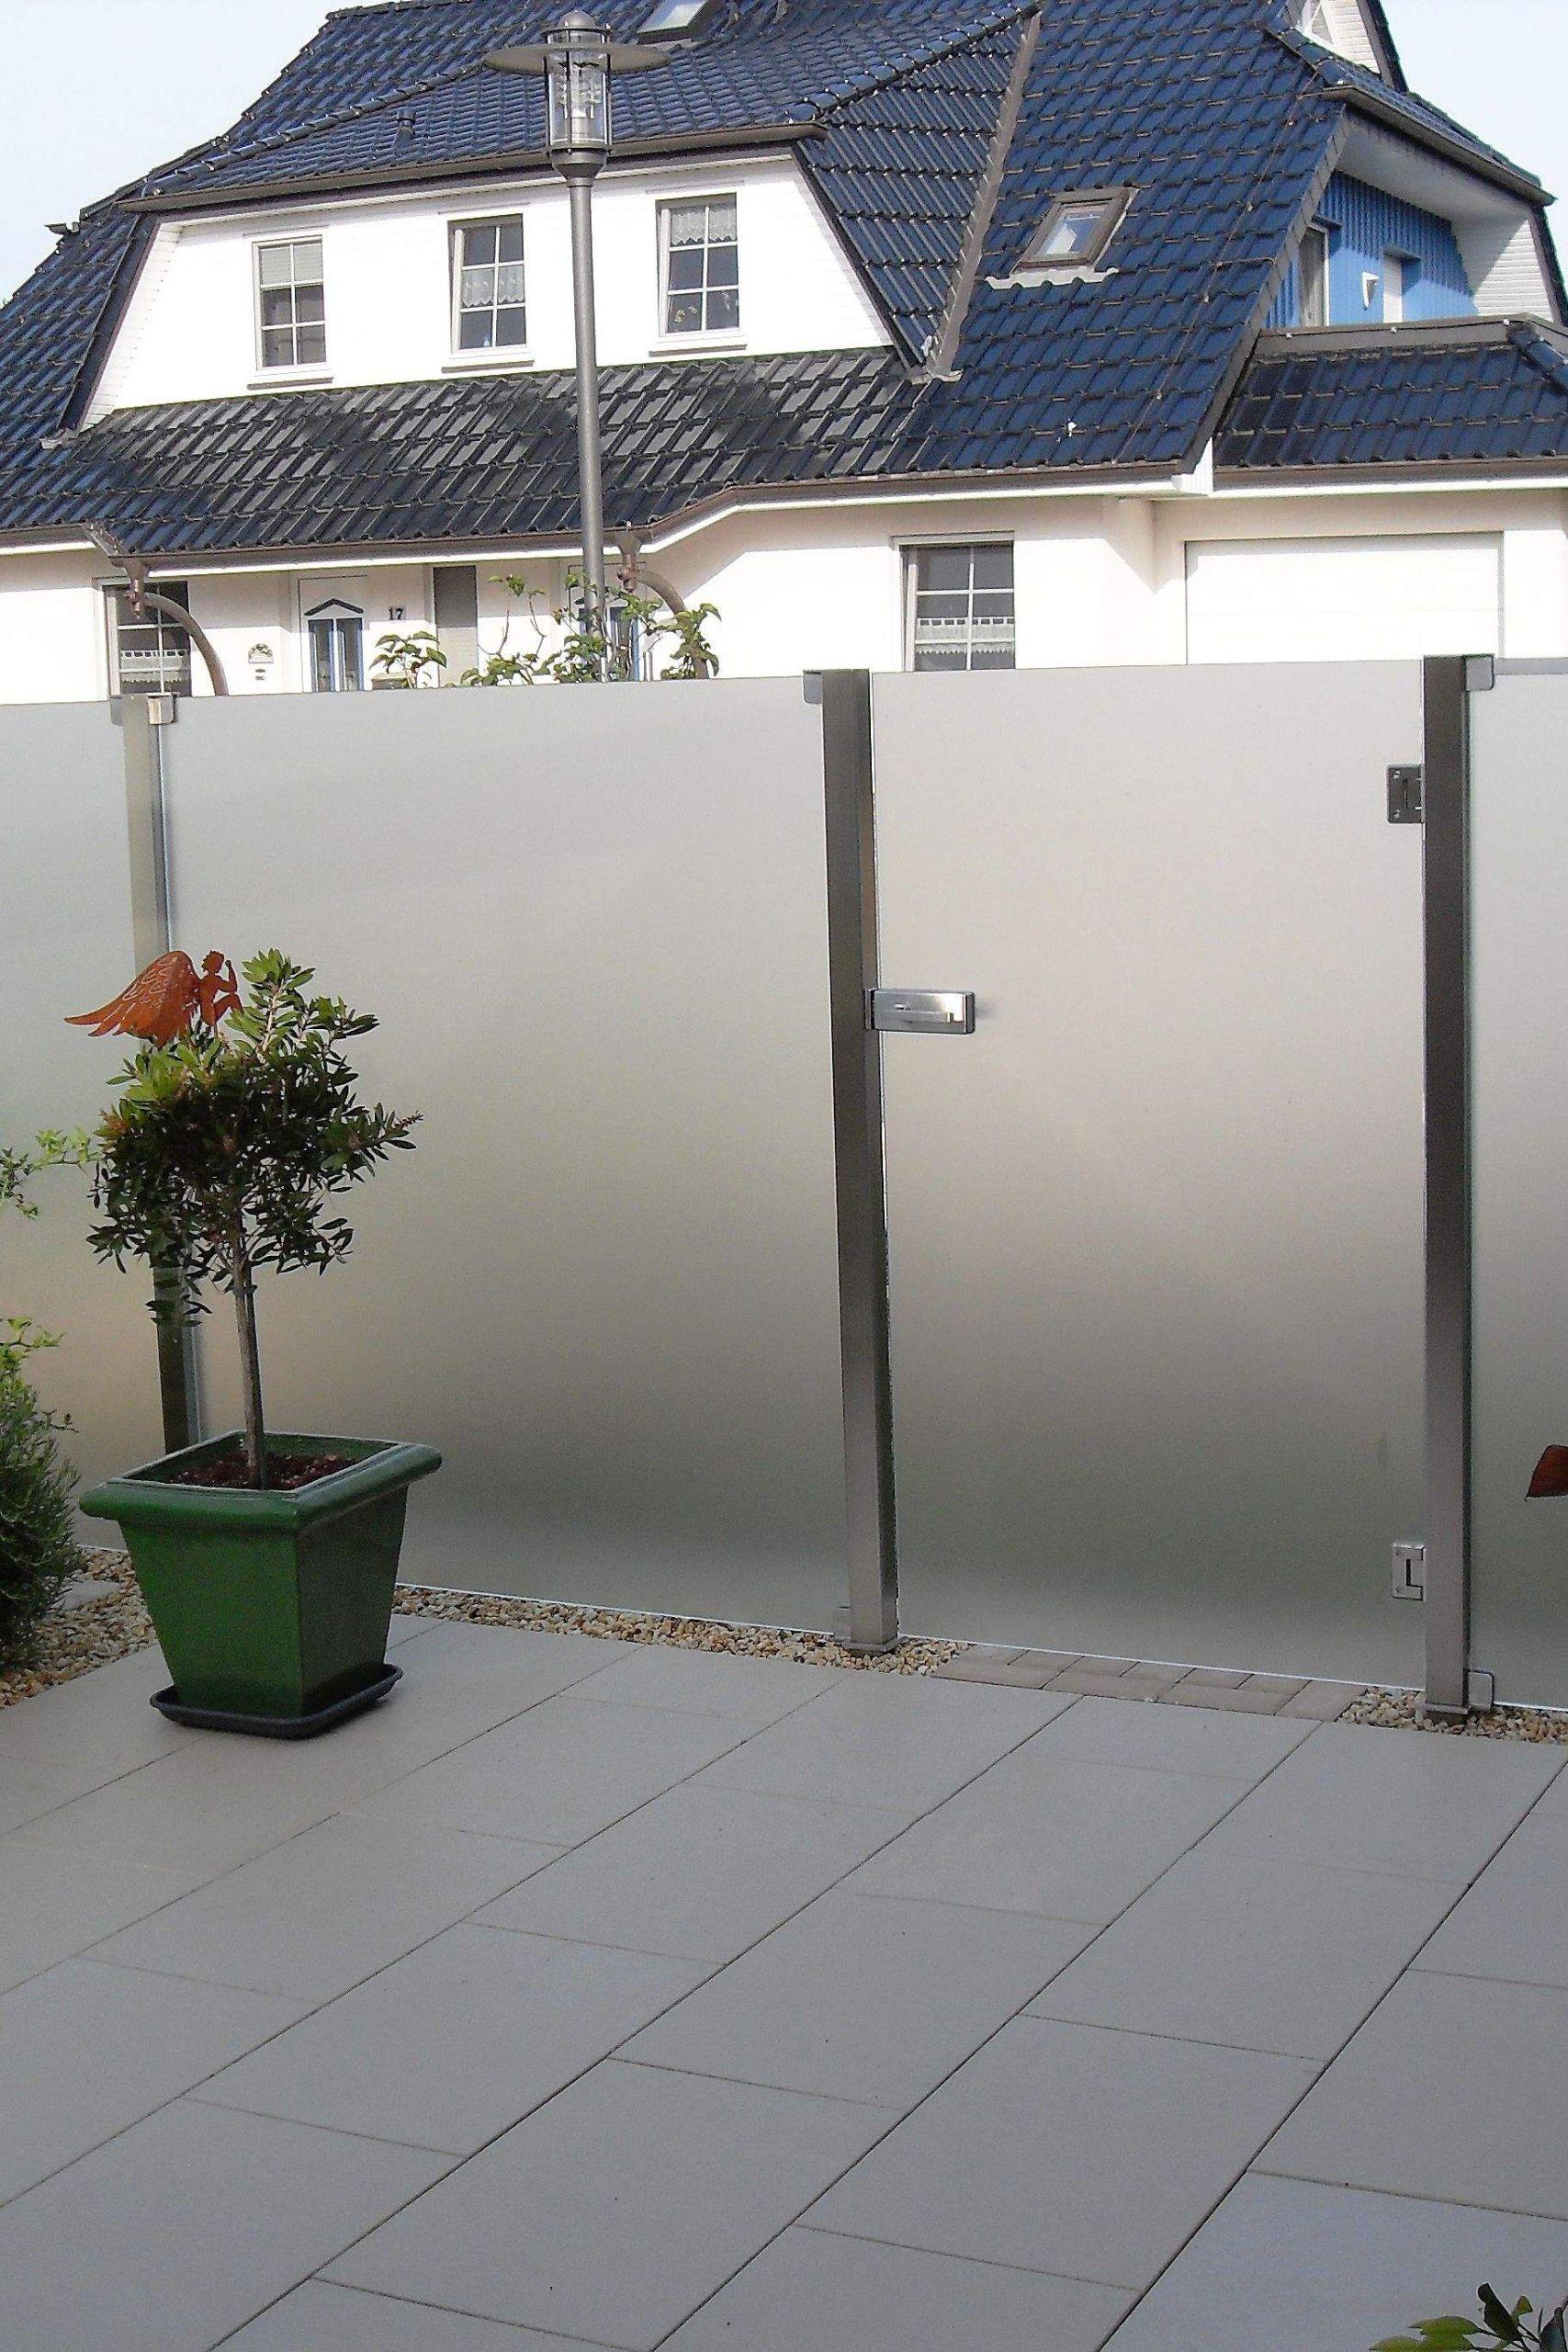 Sichtschutz Glas Garten Luxus Der Sichtschutz Aundo Kann sowohl An Der Terasse Als Auch Im